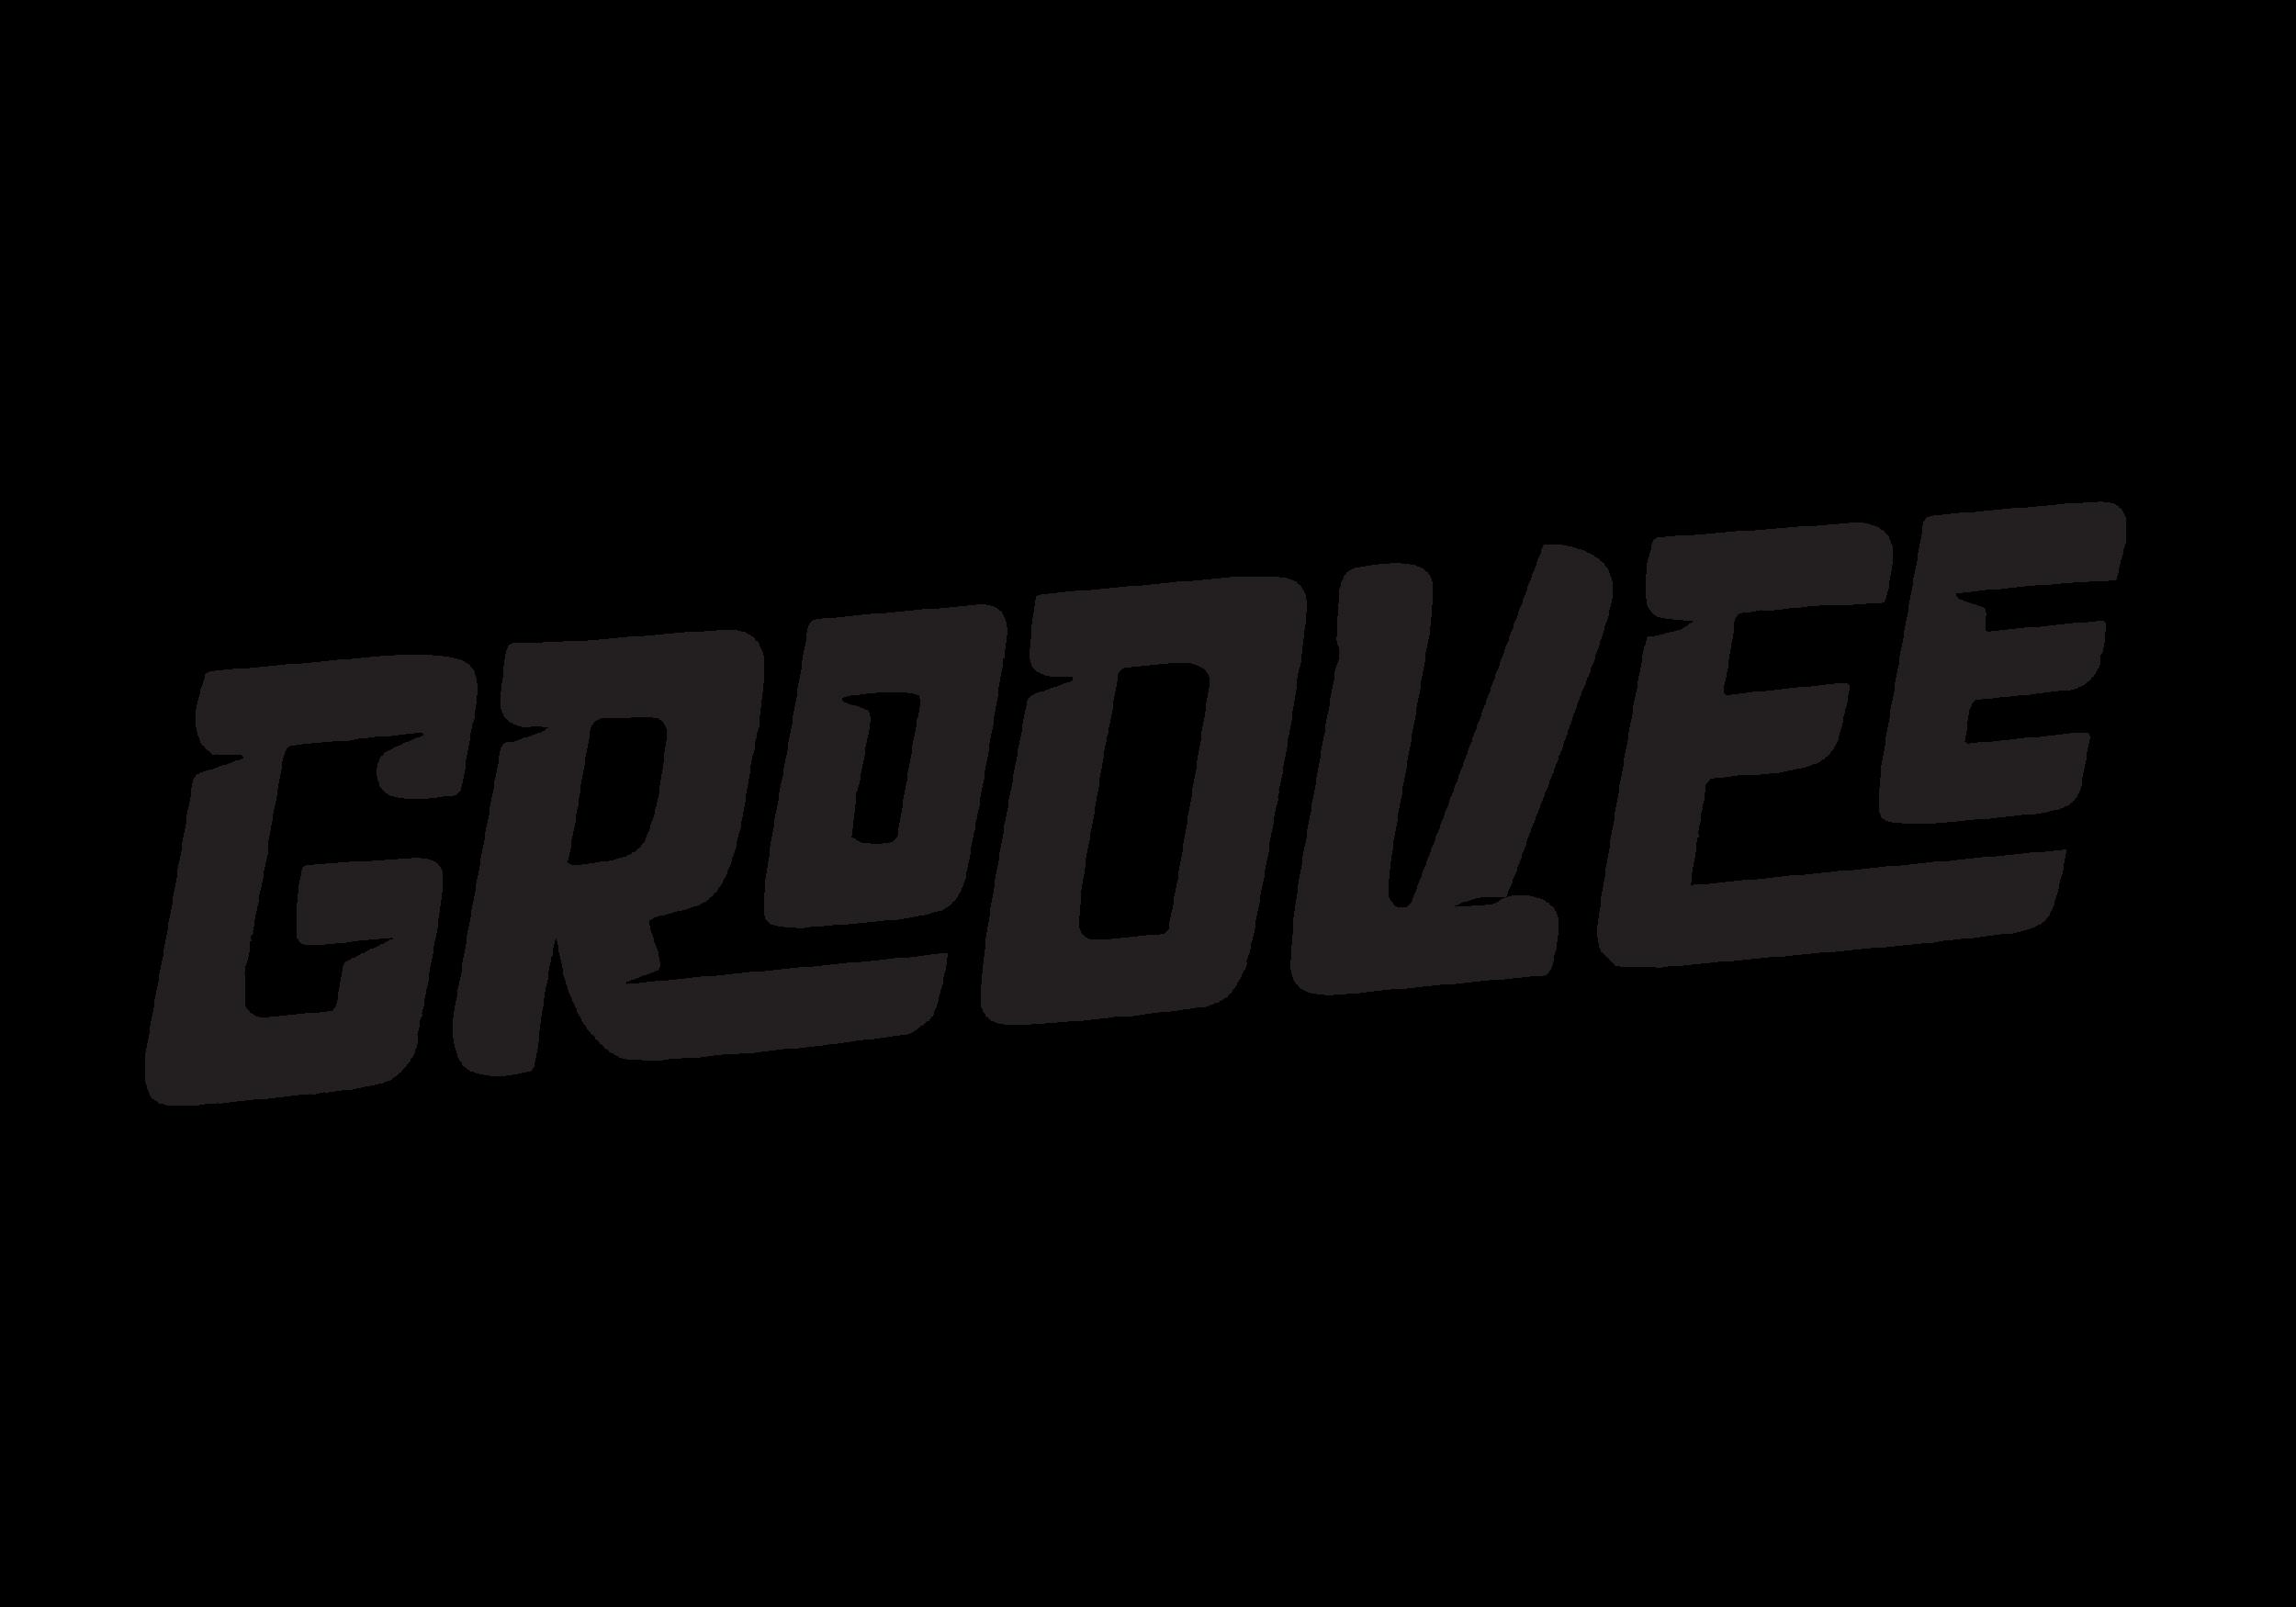 grooveeBW.png